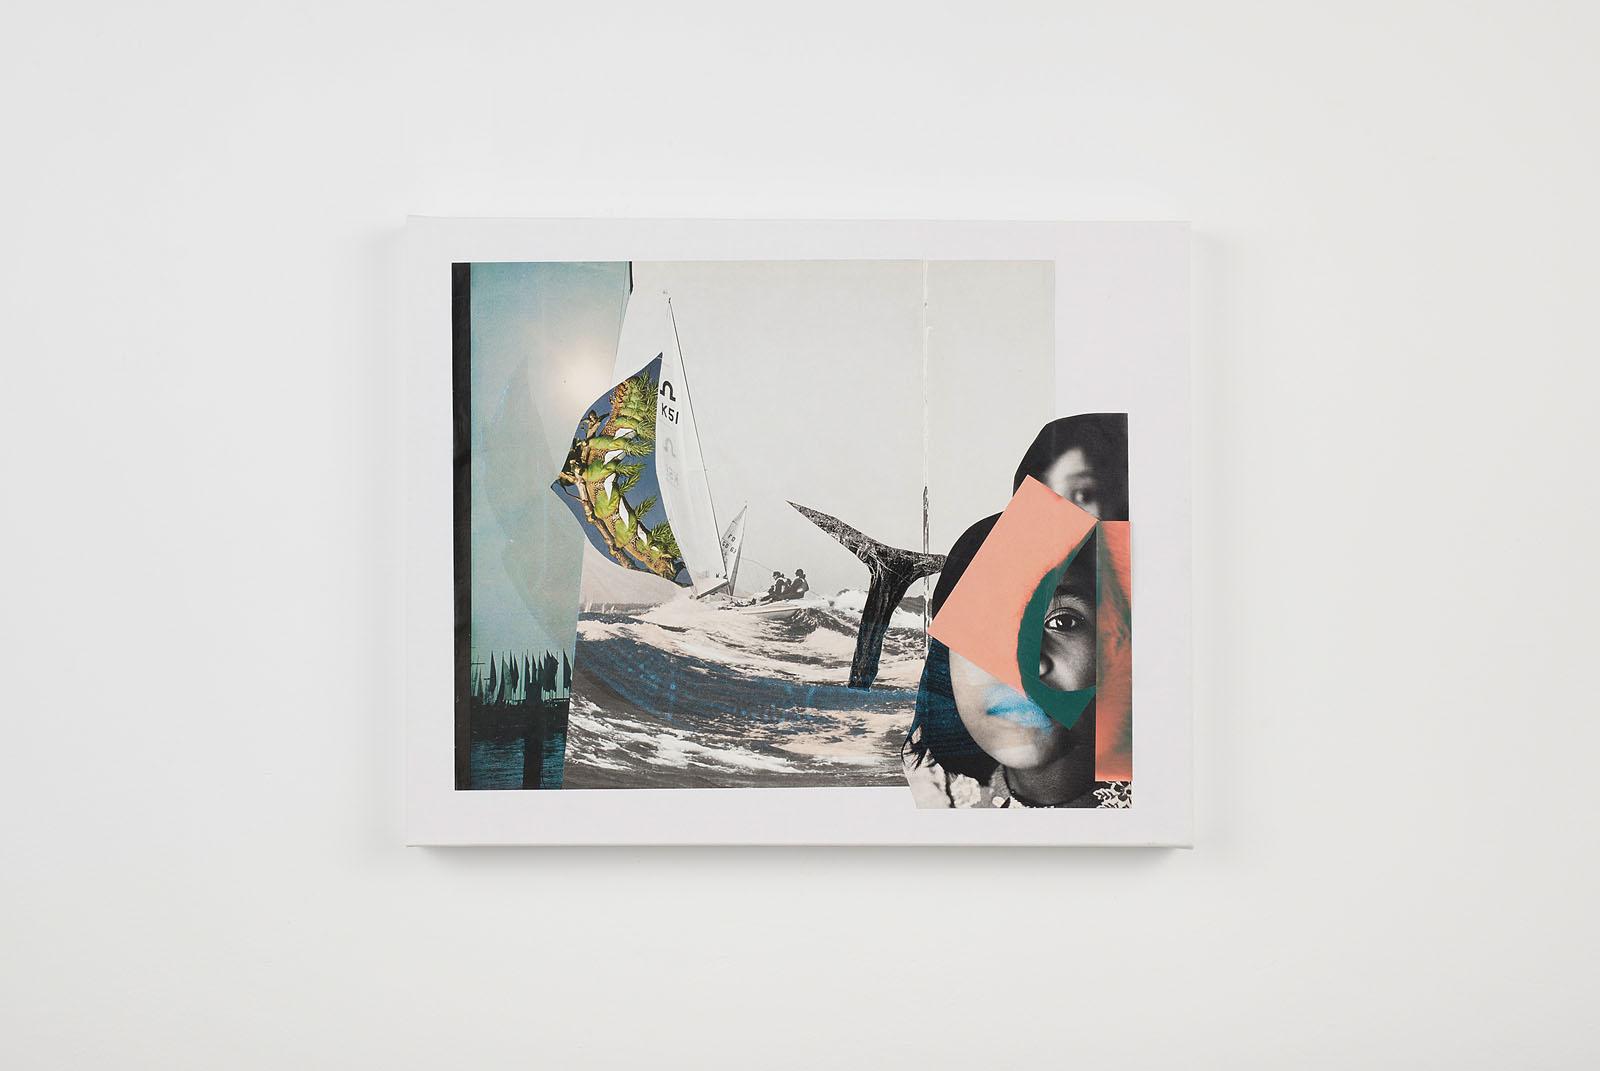 """o.T. aus """"Petrichor"""", 2017, 40 x 50 cm, Mischtechnik & Collage auf Leinwand"""